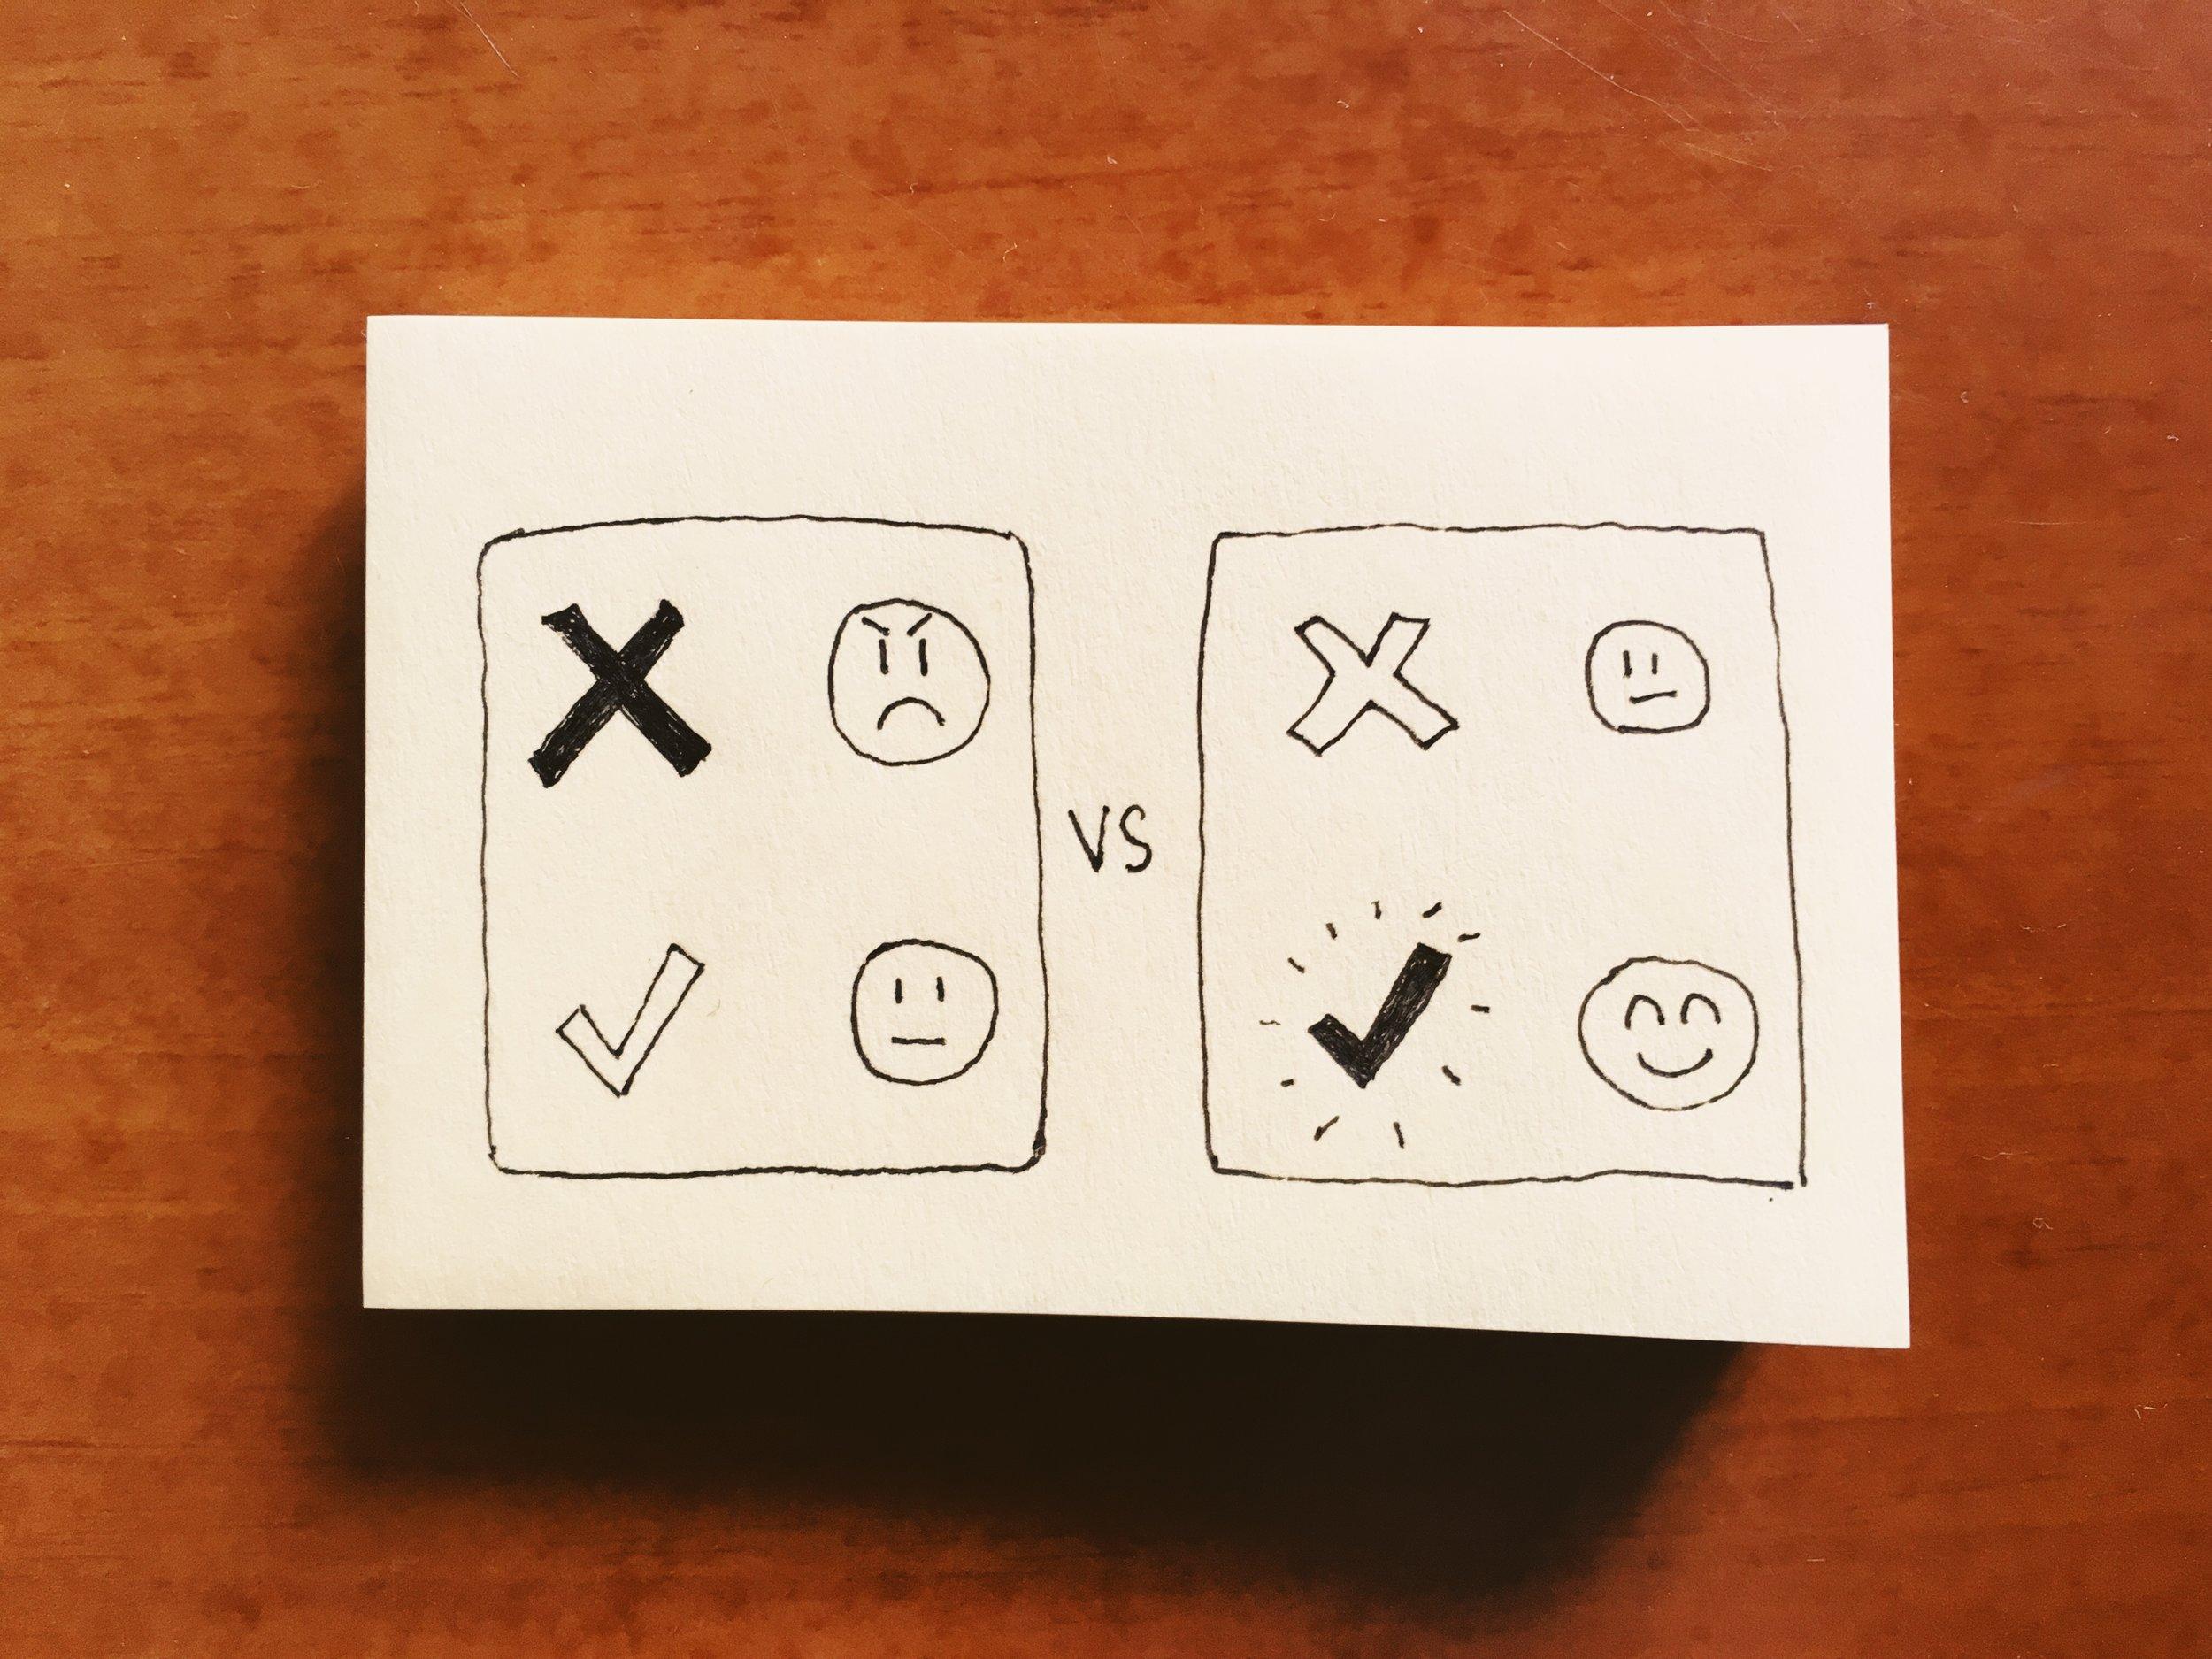 期望和驚喜的分別,在於前者對於不能達到期望的就視之為失敗,達到則不當是一回事,也不會感到快樂。後者對於事情沒發生沒什麼感覺,但發生了就很高興和感恩。